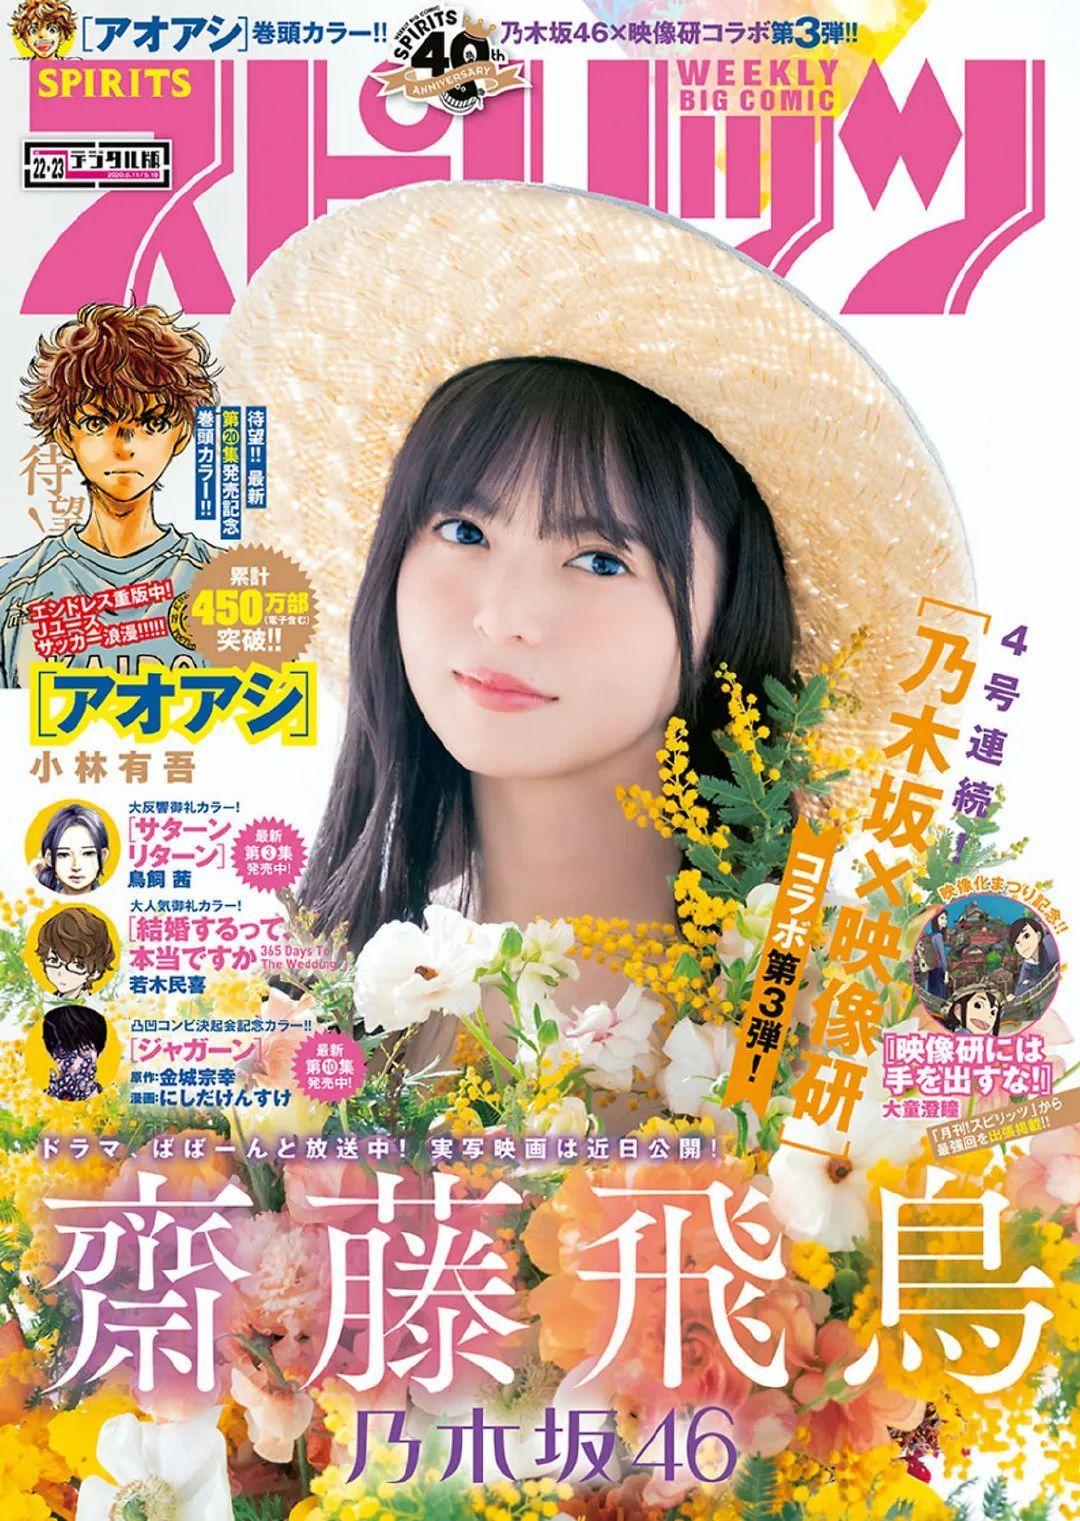 2020 No.22-23 #斋藤飞鸟#ビッグコミックスピリッツ封面_图片 No.2